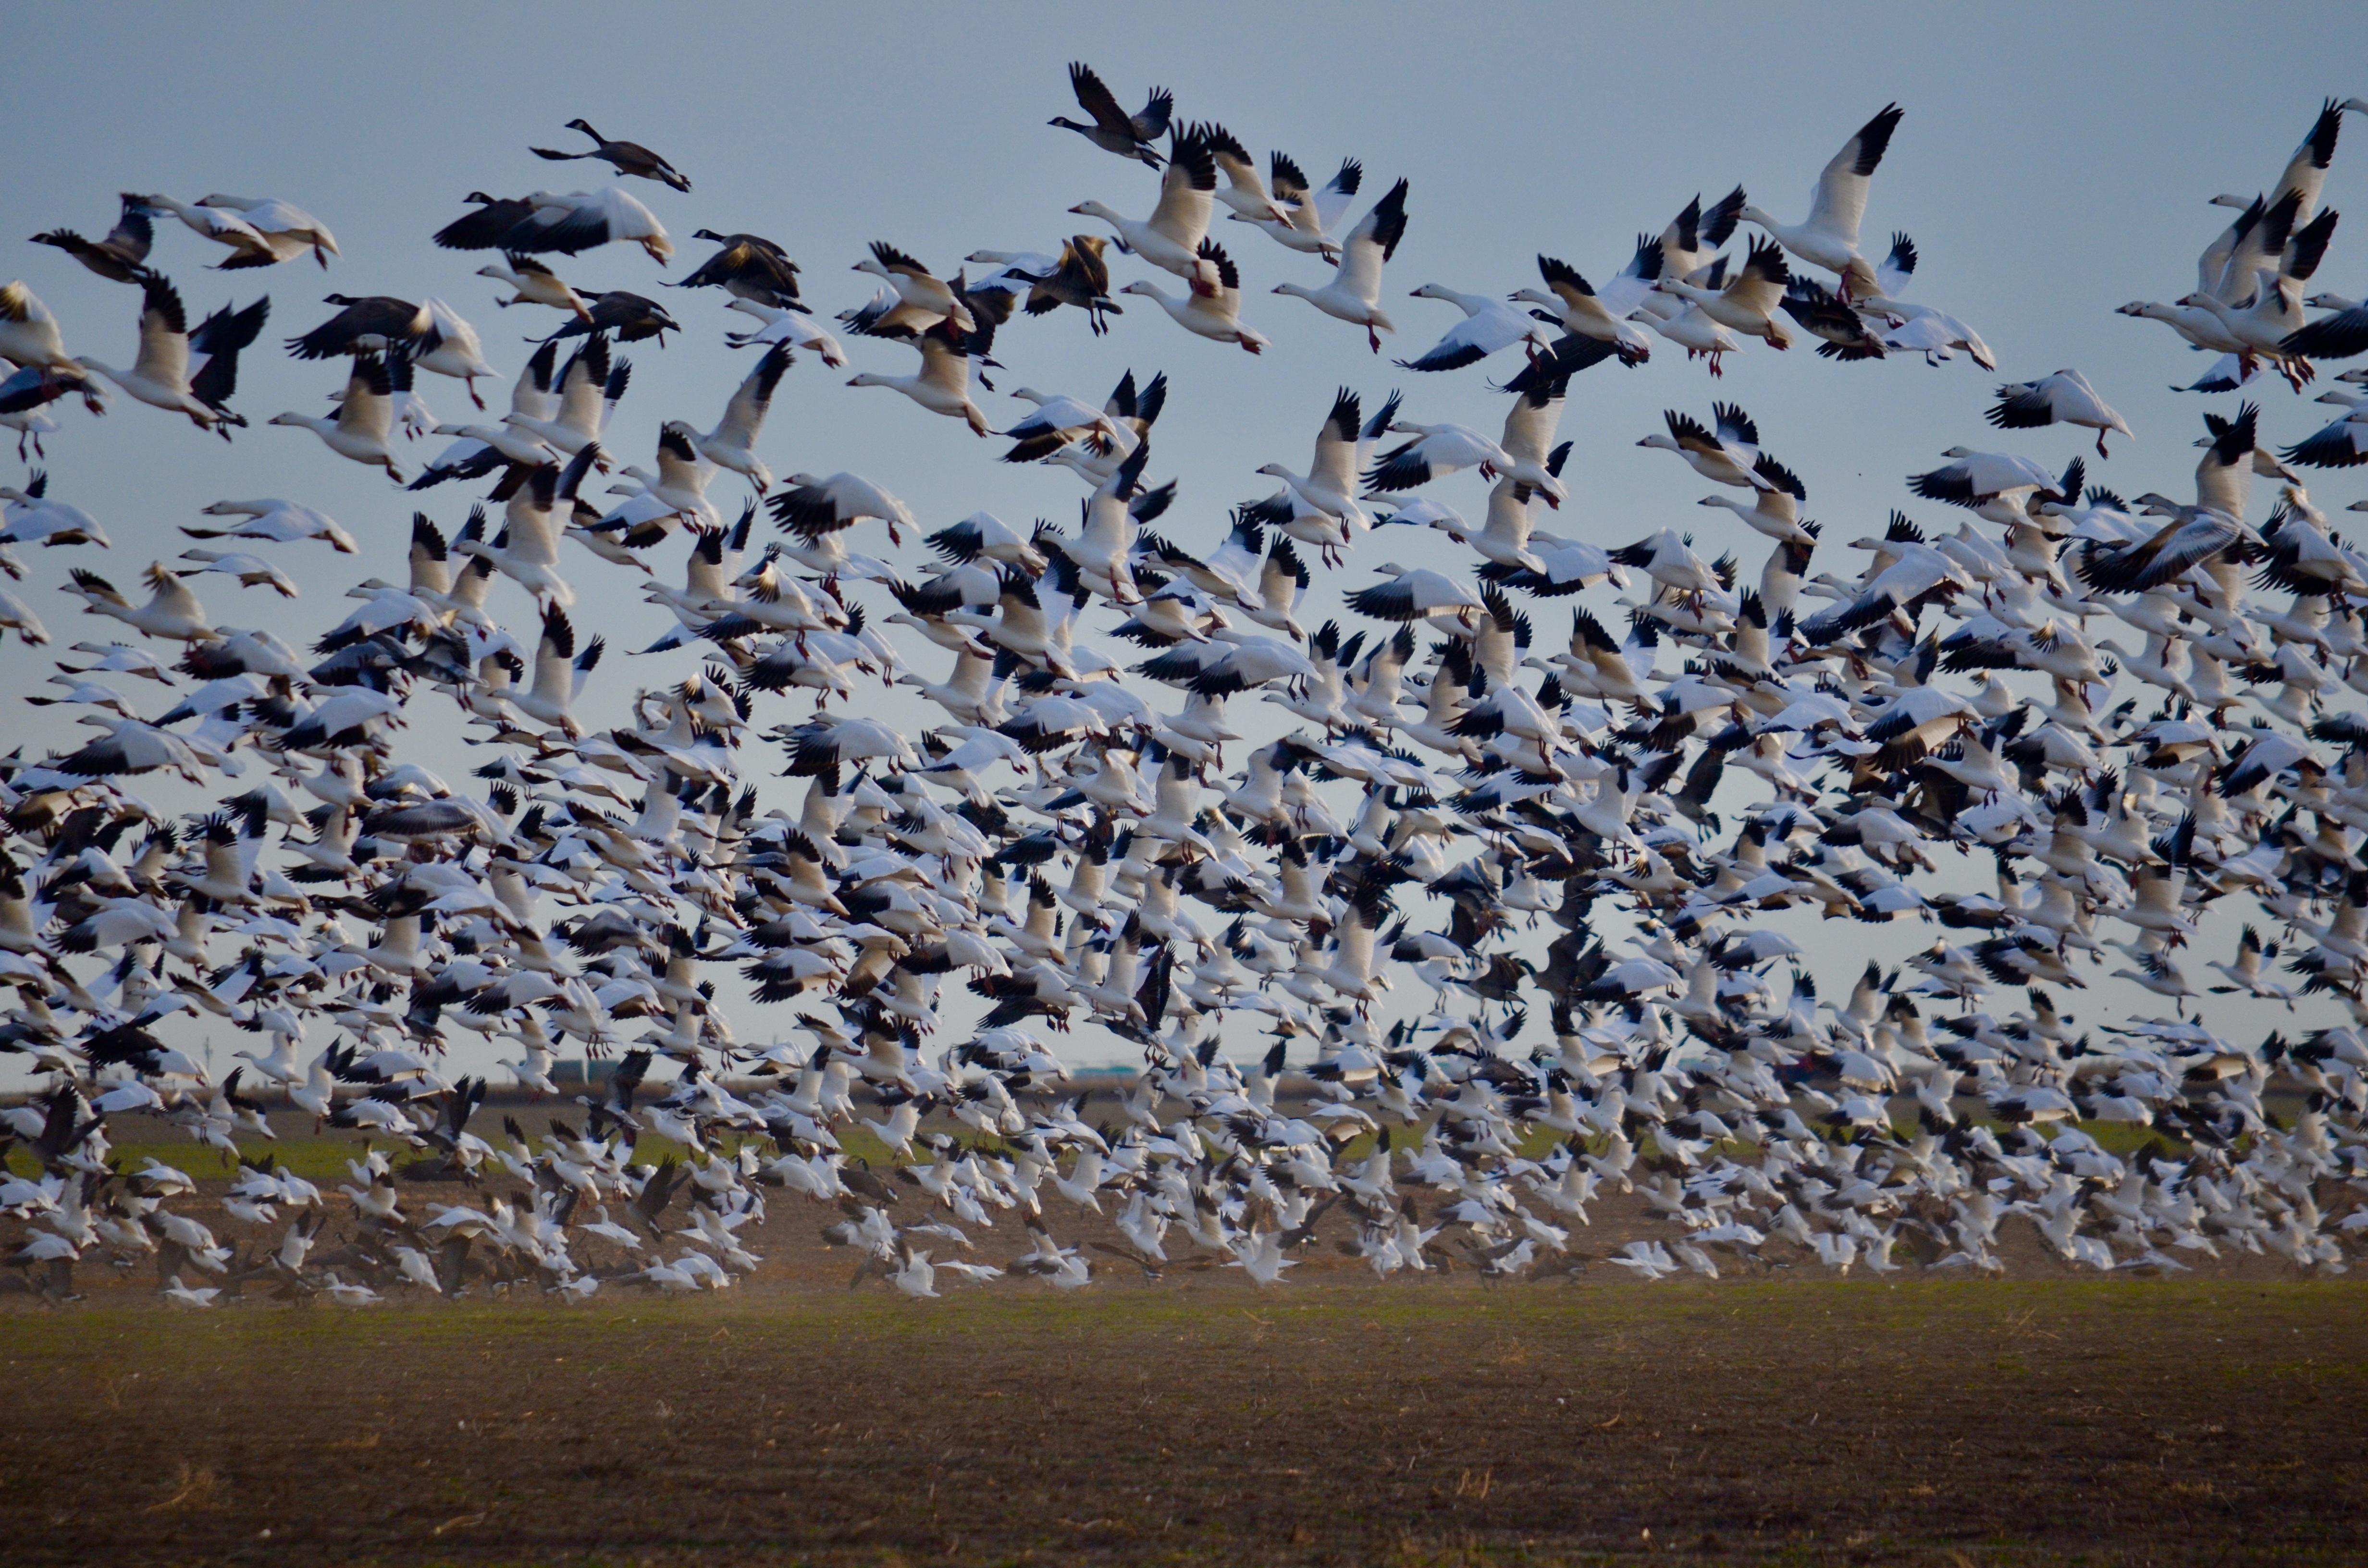 Geese/Ducks